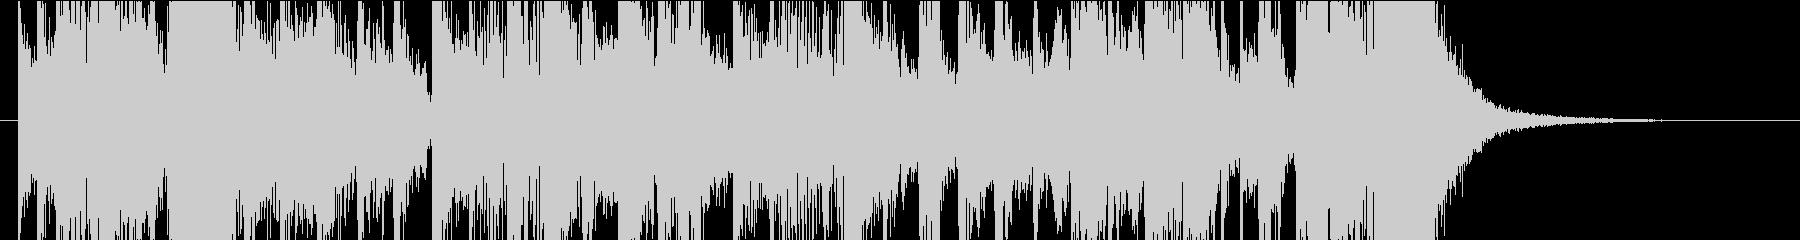 ブラスメインのファンキージングルの未再生の波形